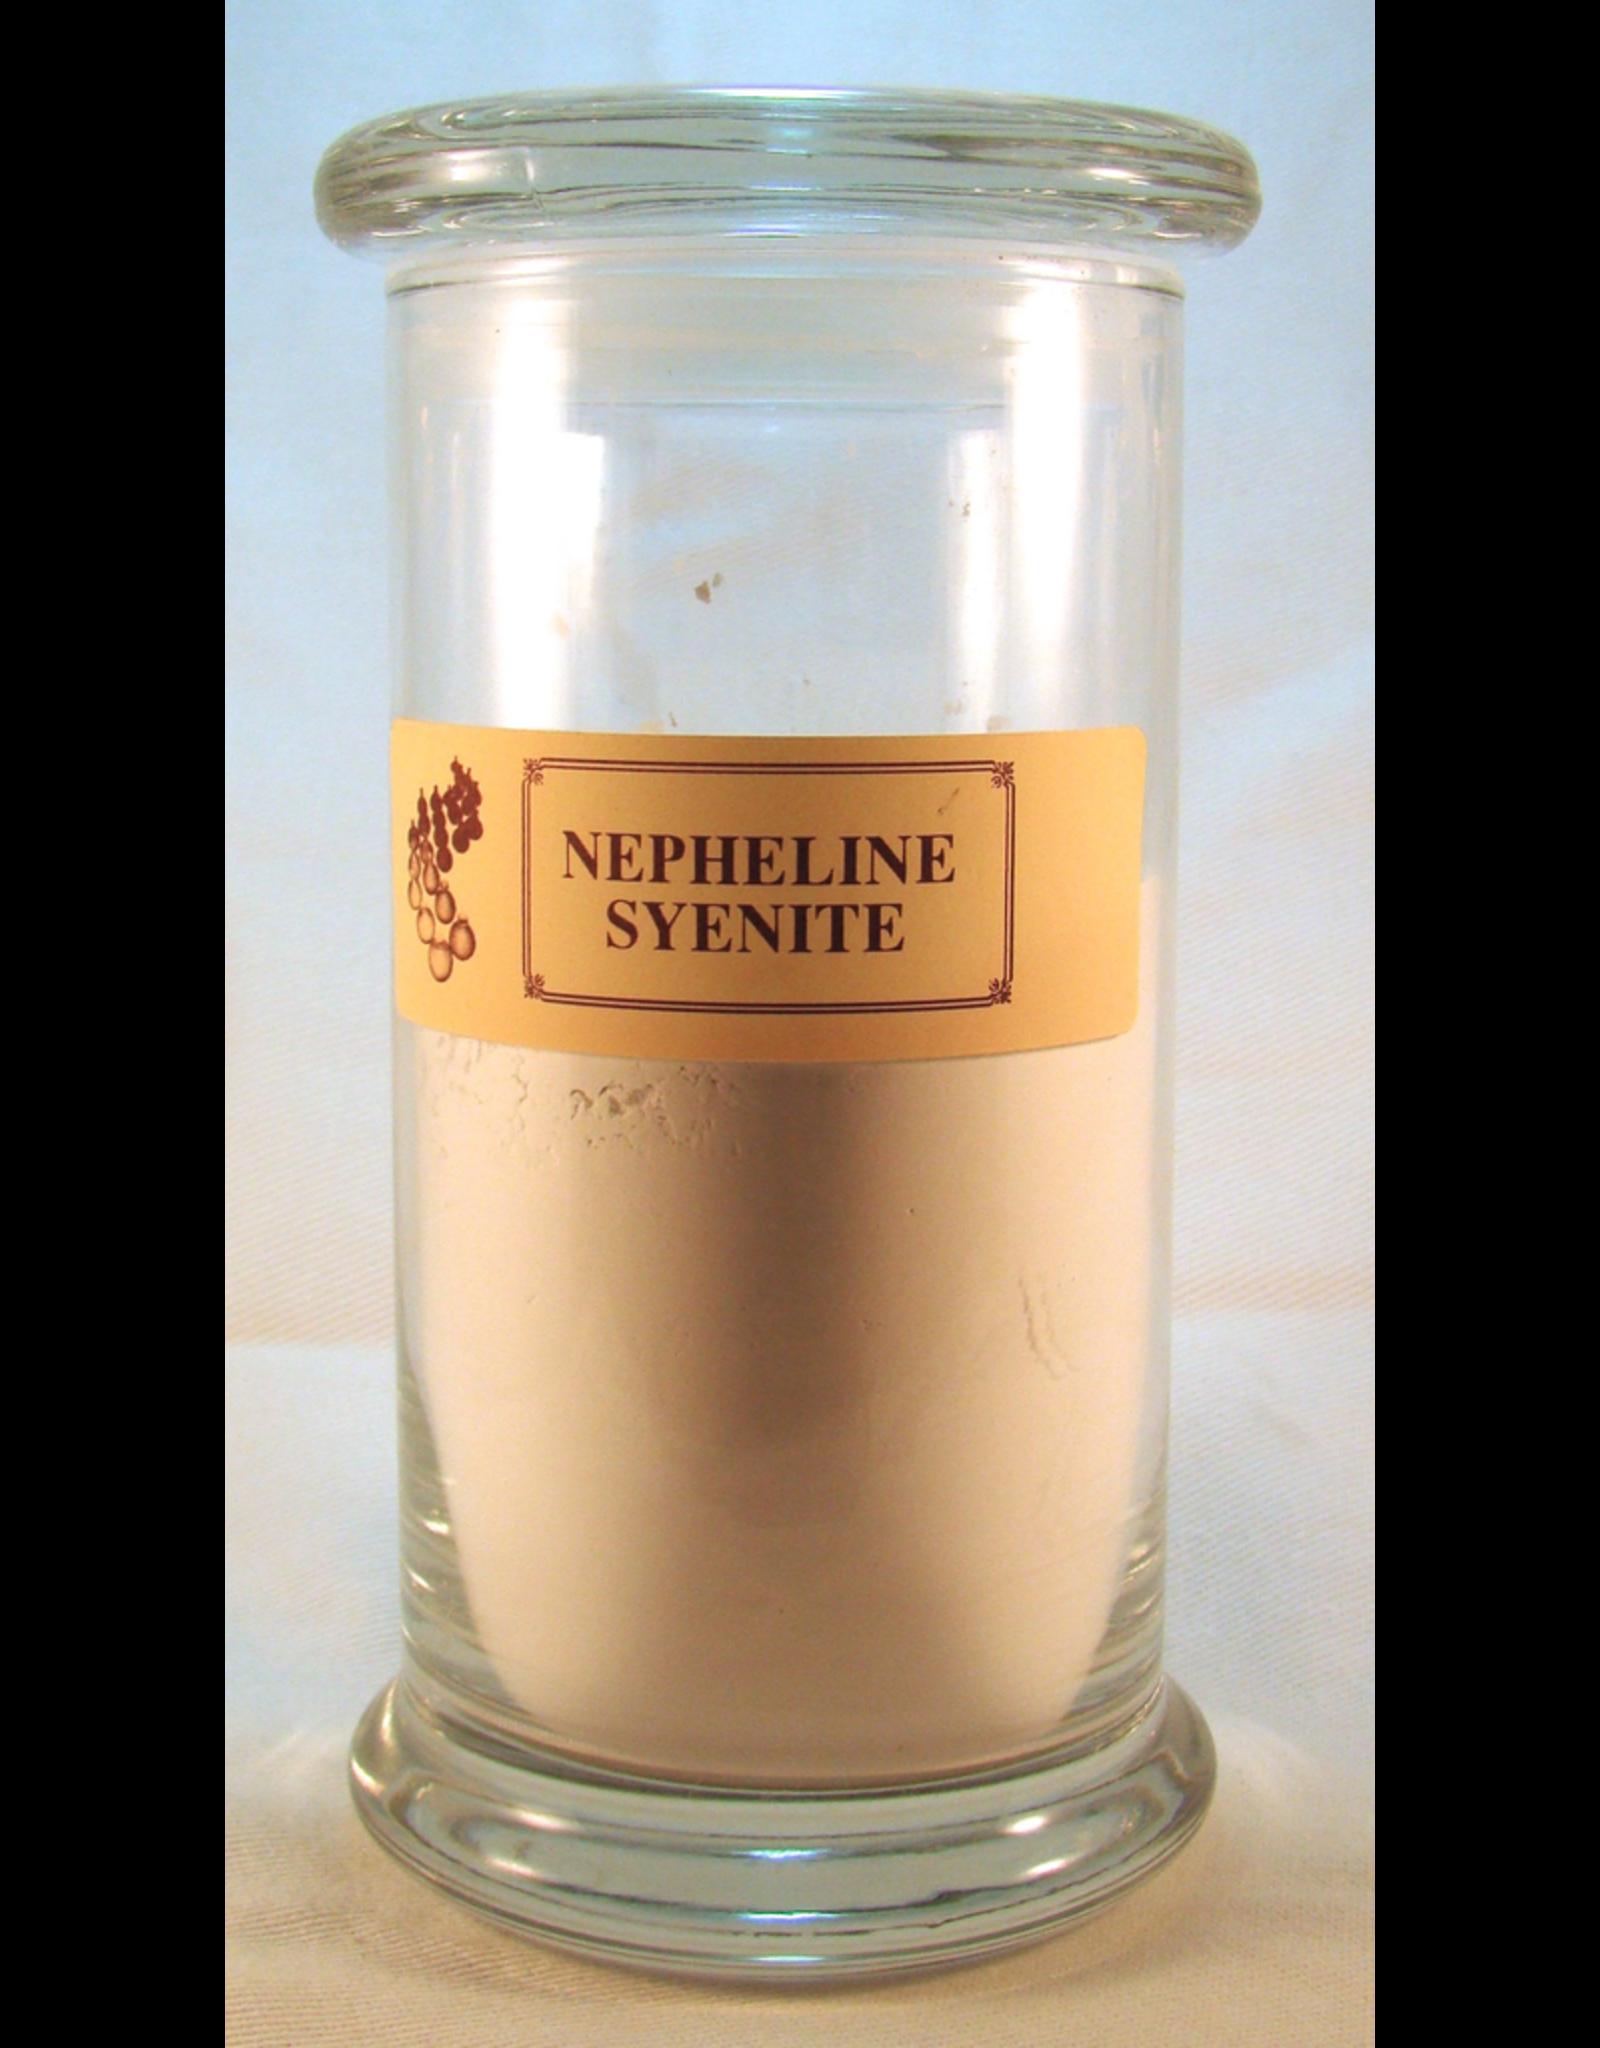 Nepheline Syenite